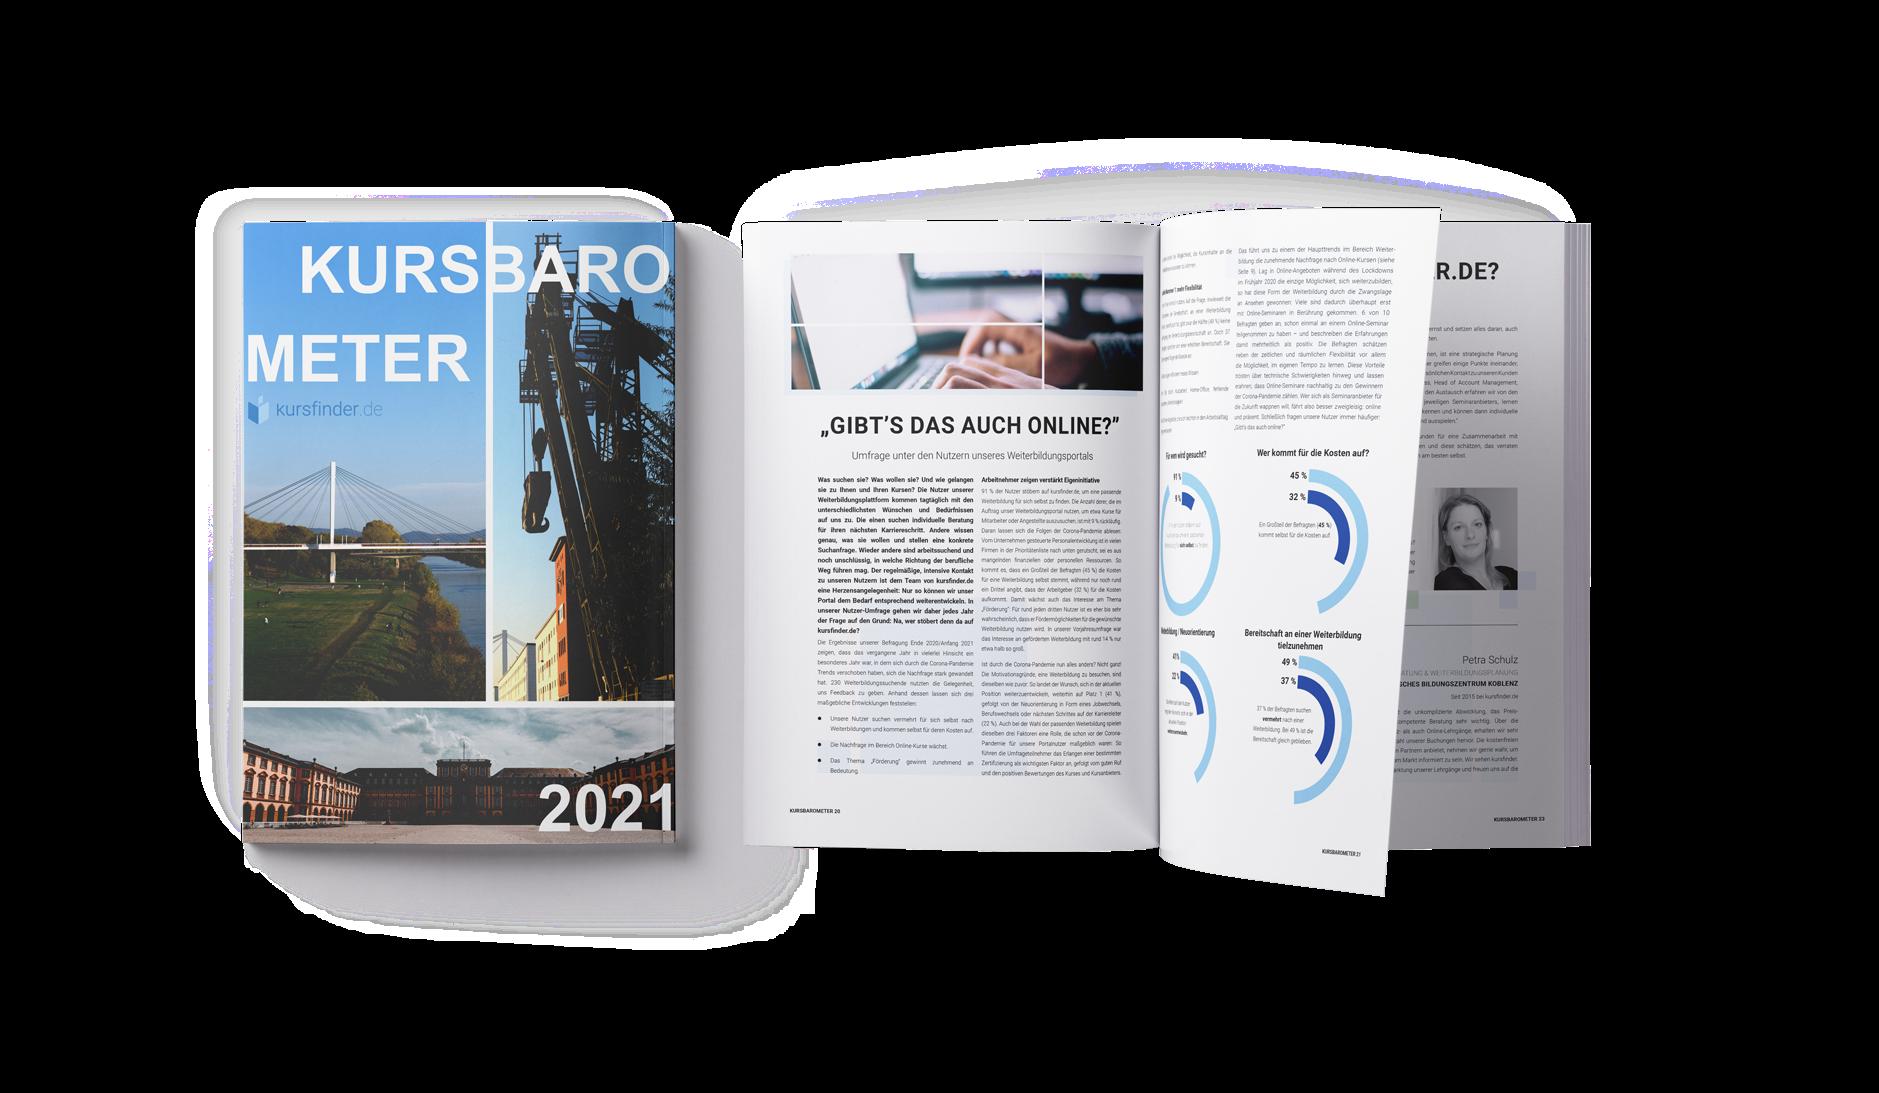 2021_Magazine-Mockup-V4-2-3-1